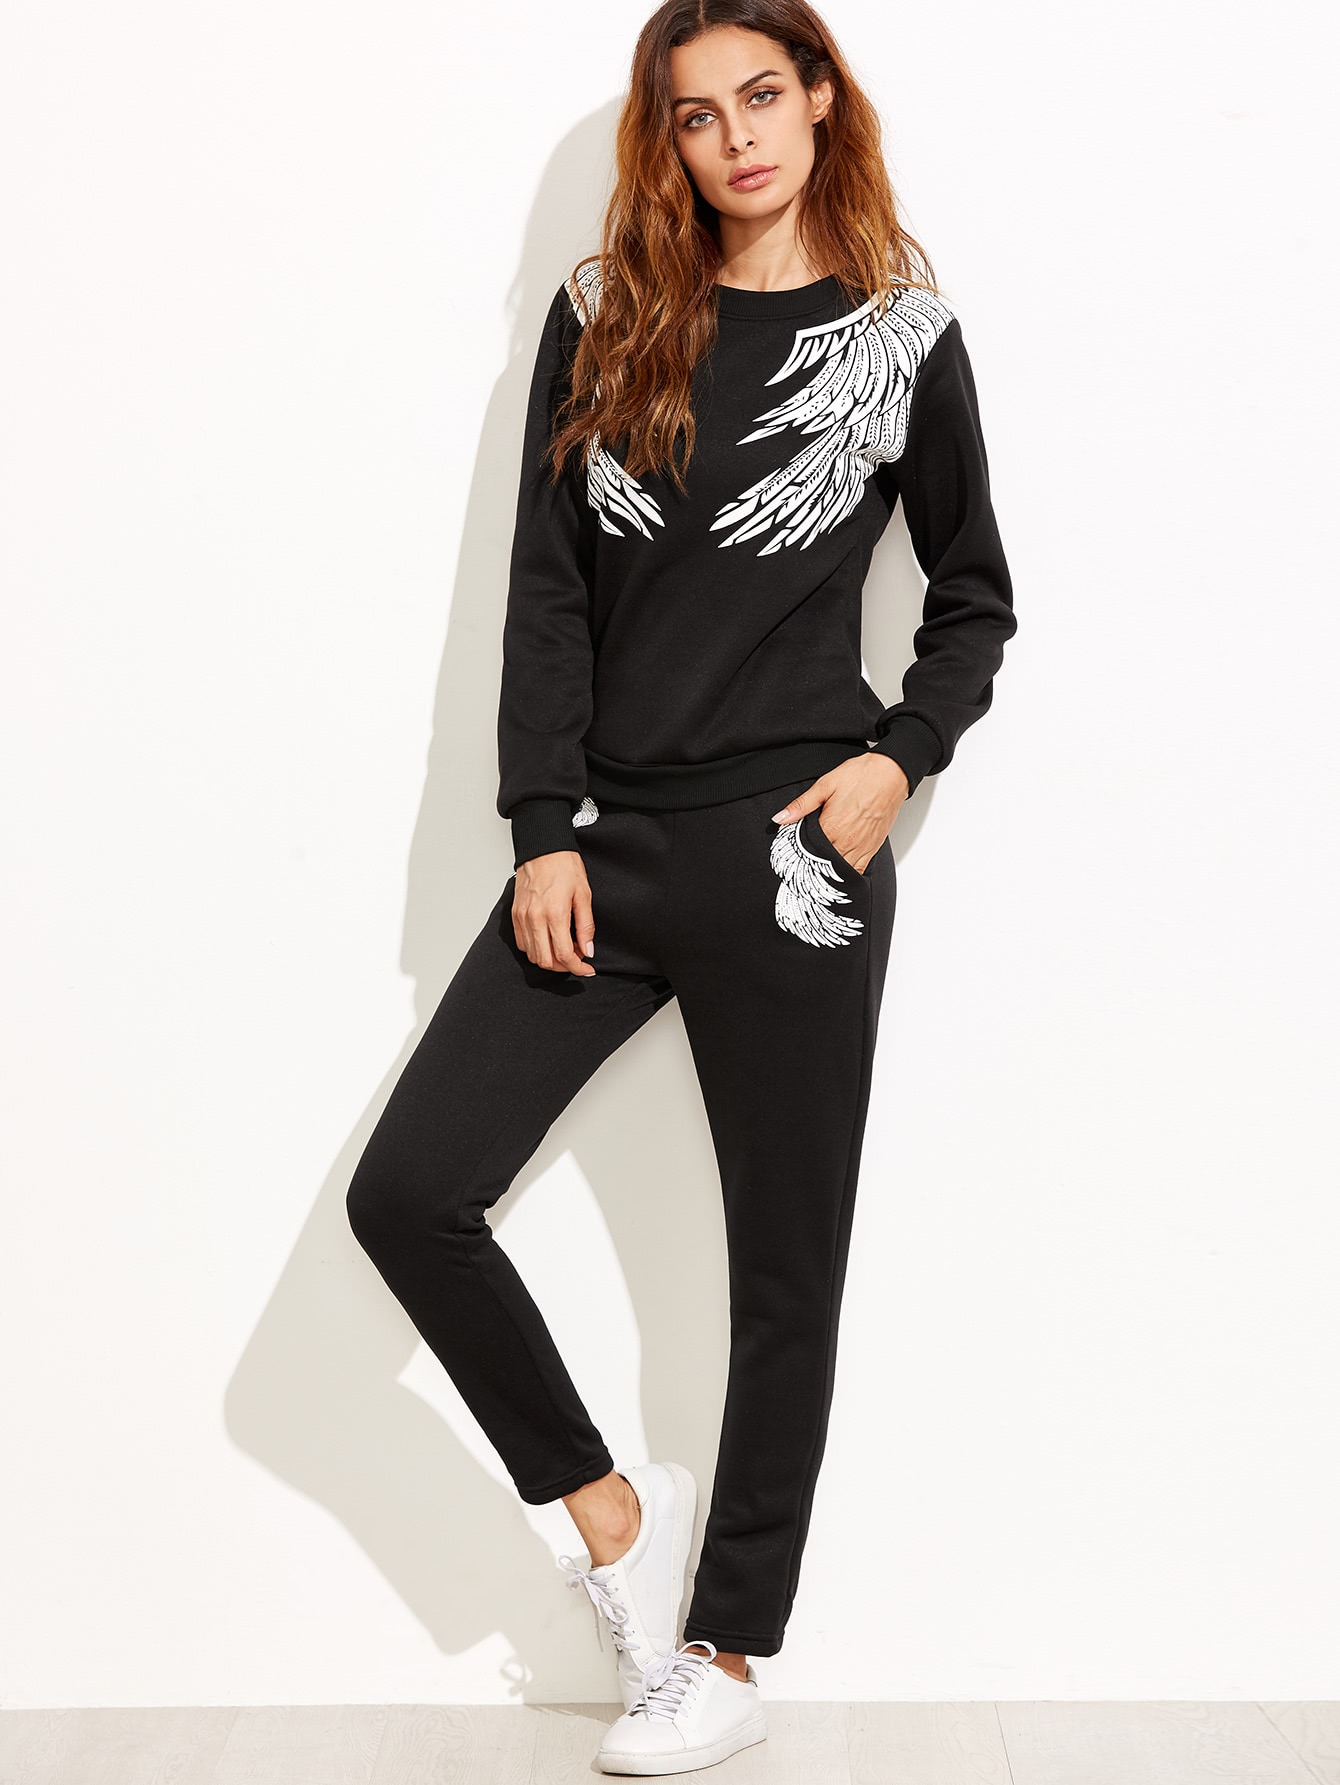 Angel Wings Print Sweatshirt With Pants twopiece160907301